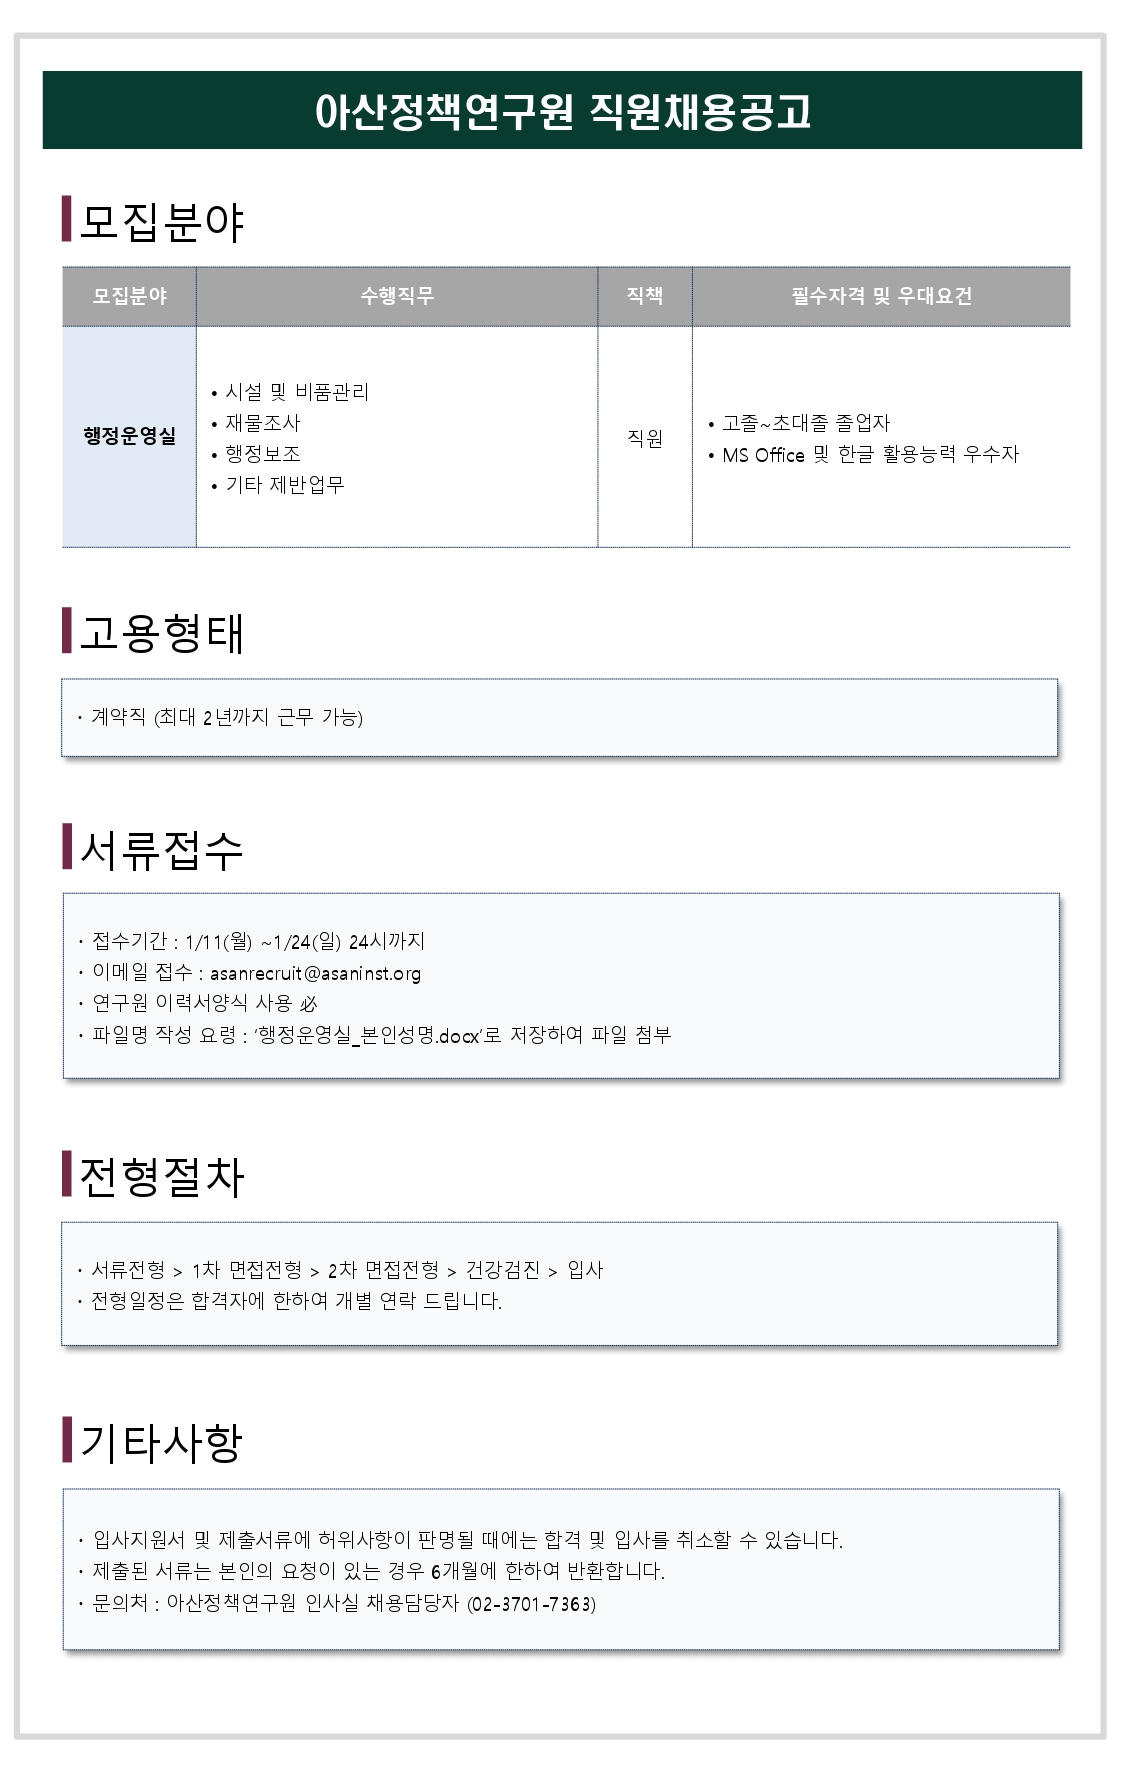 210111_행정운영실 채용공고 (1)_page-0001